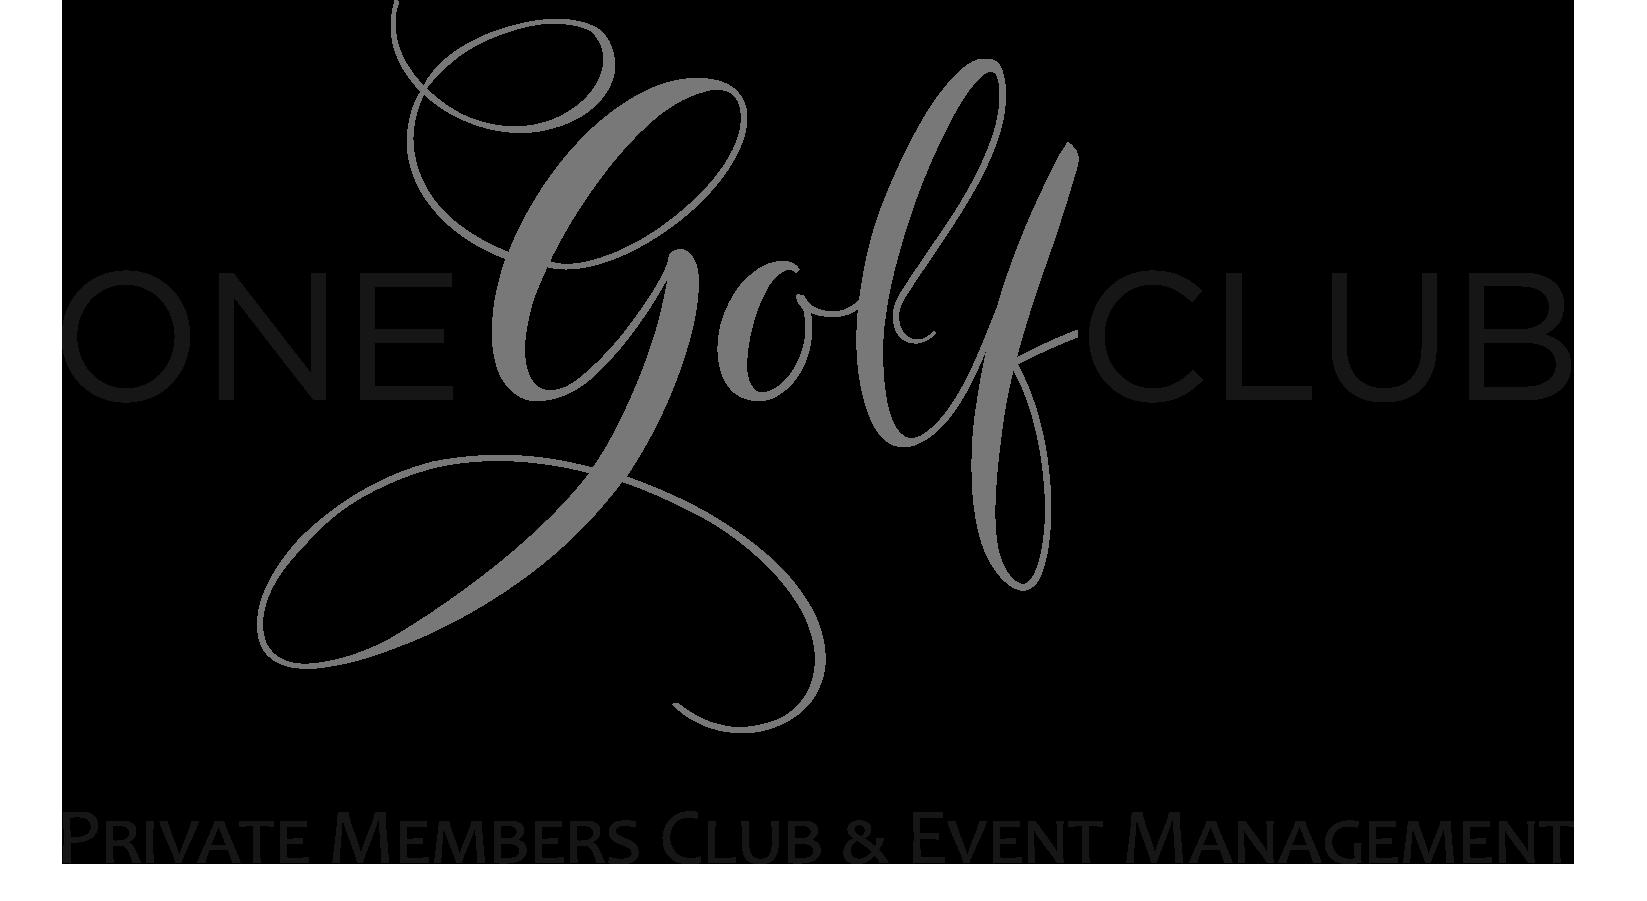 One Golf Club Logo - CONFIRMED